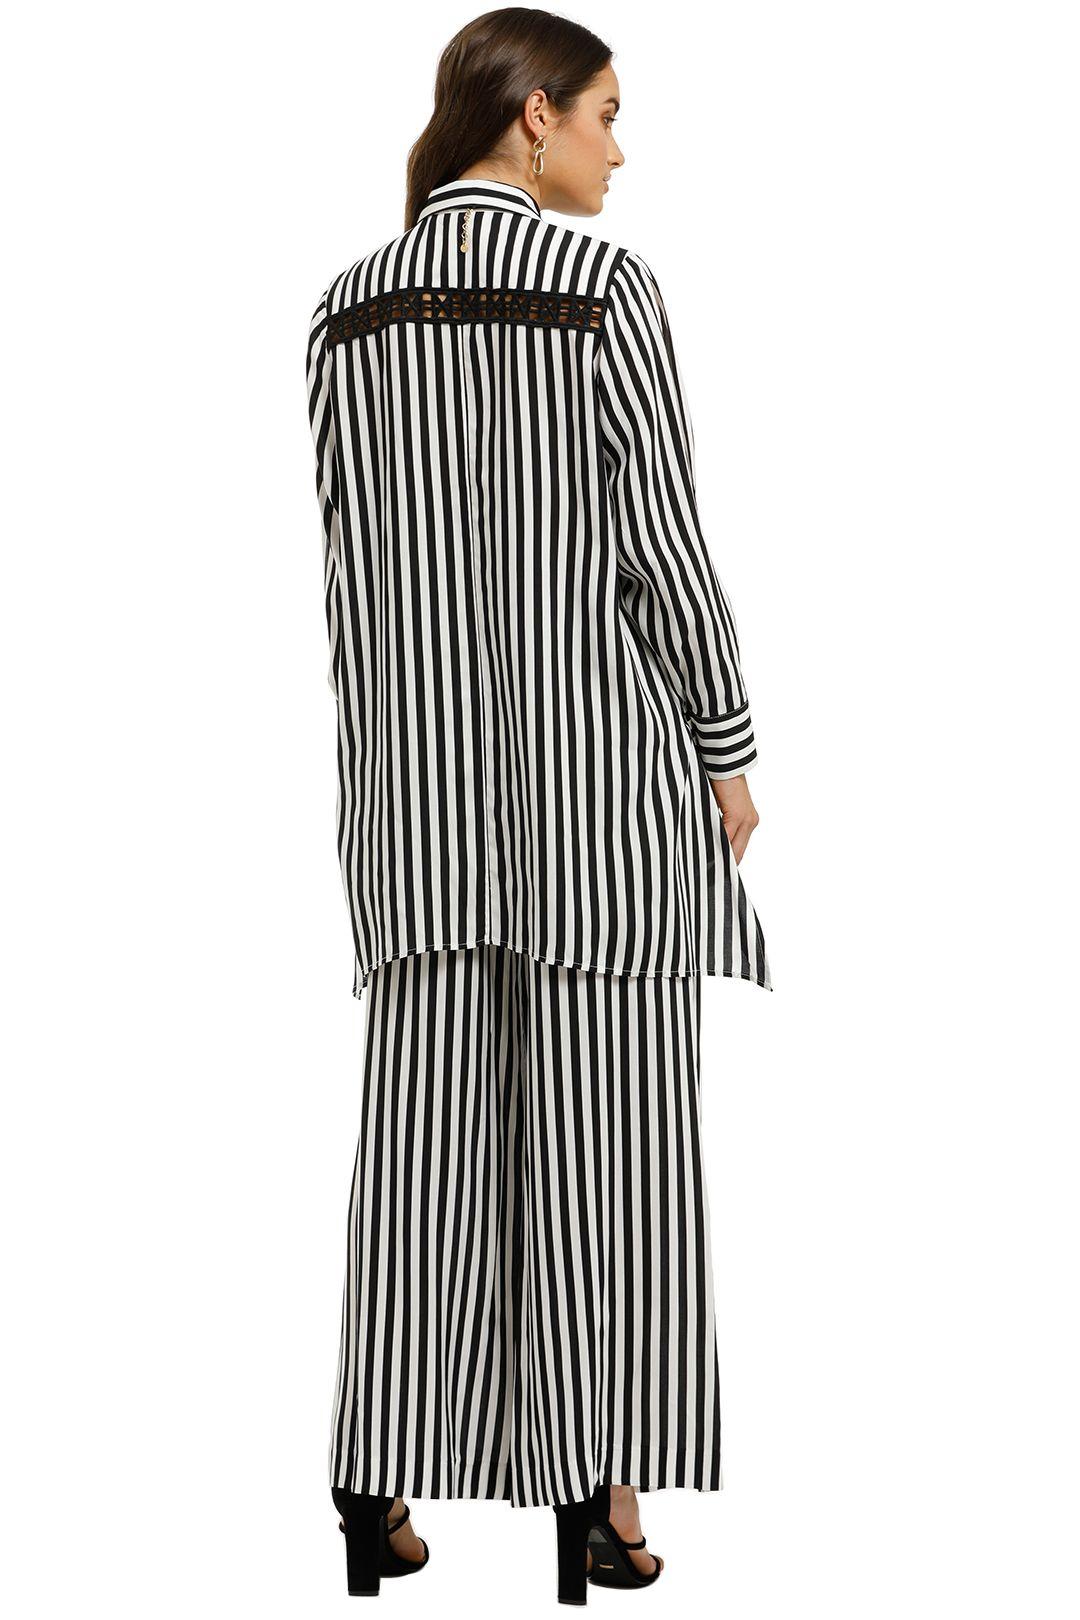 Cooper-By-Trelise-Cooper-Split-Tease-Shirt-Black-White-Stripe-Back